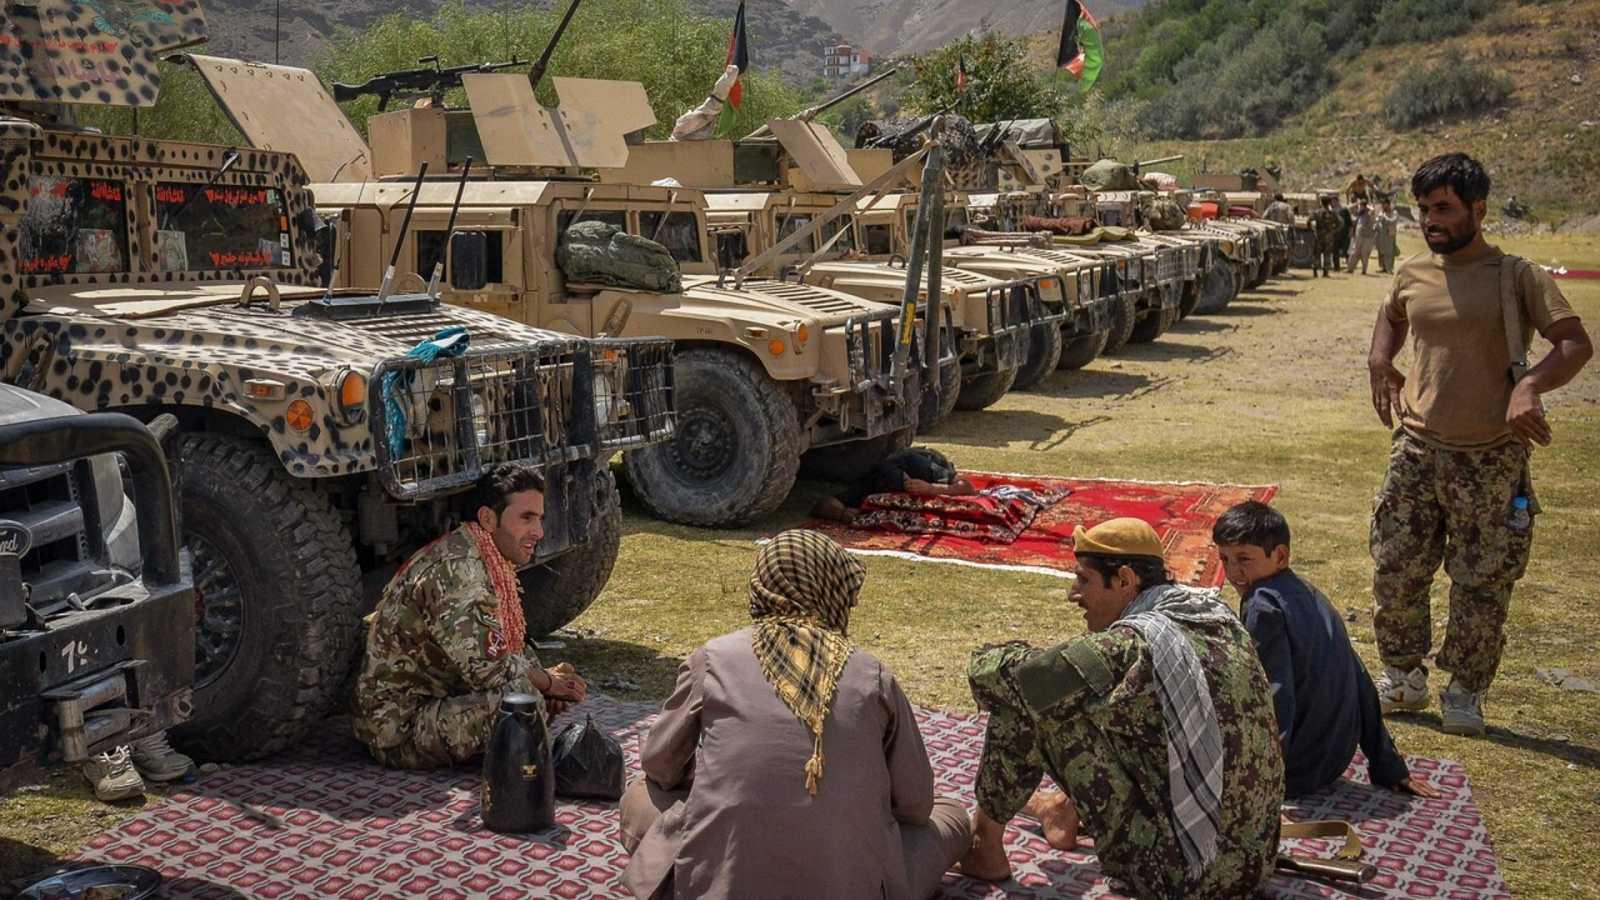 Afganistán: Resistencia antitaliban se concentra en valle del Panshir